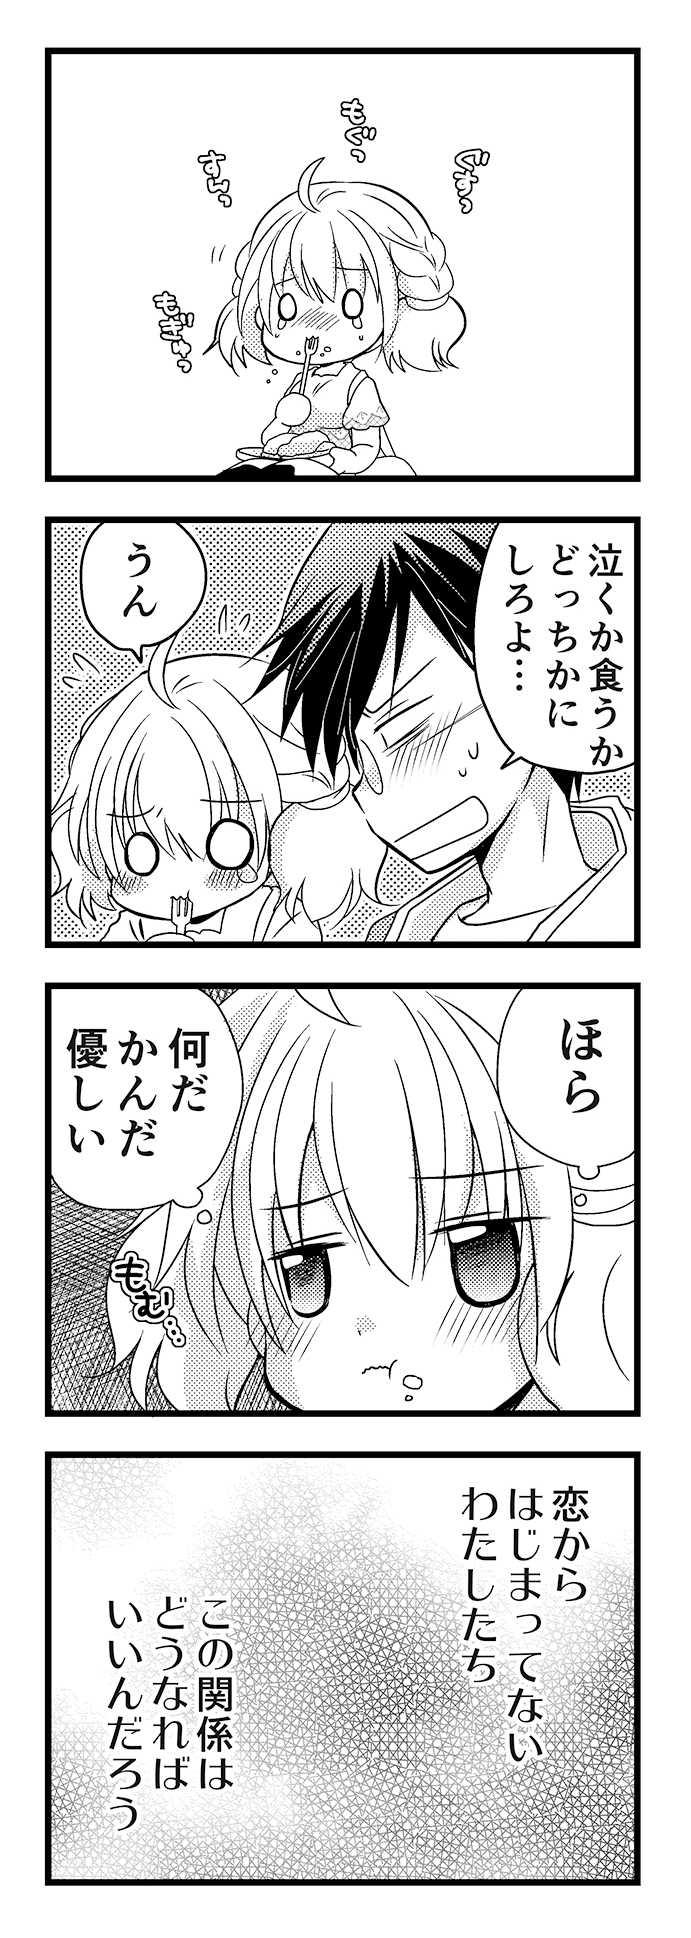 20「さくらとSMILE(11)」